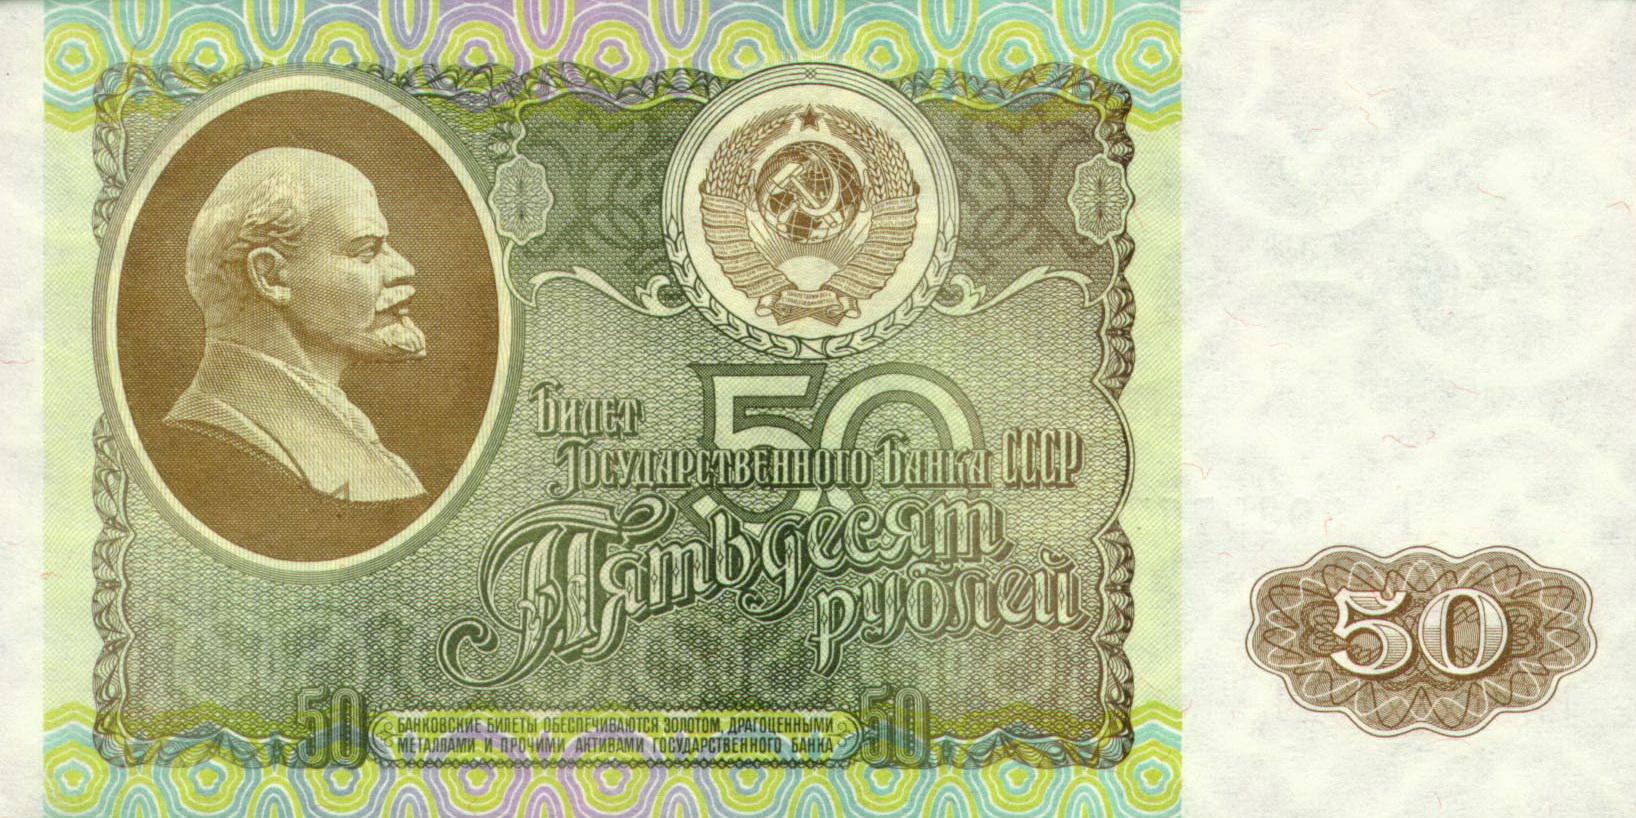 Билет банка россии это ленинские монеты